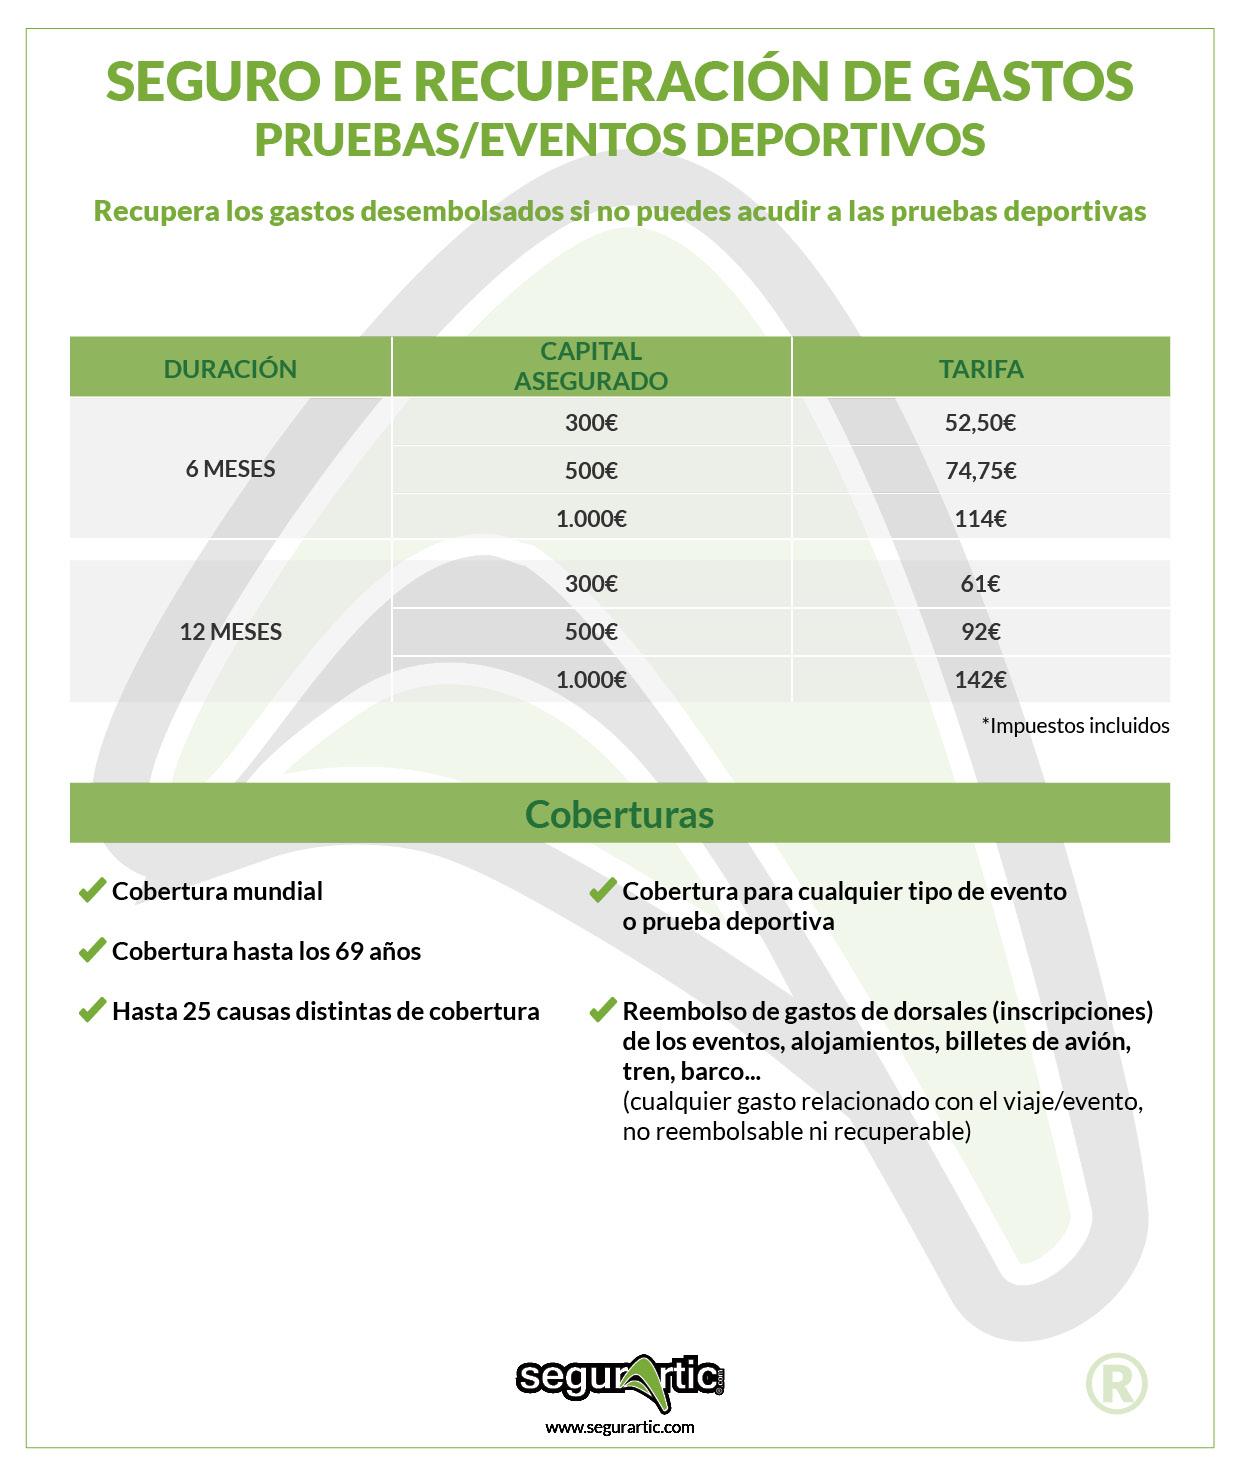 seguro-recuperacion-gastos-pruebas-eventos-deportivos